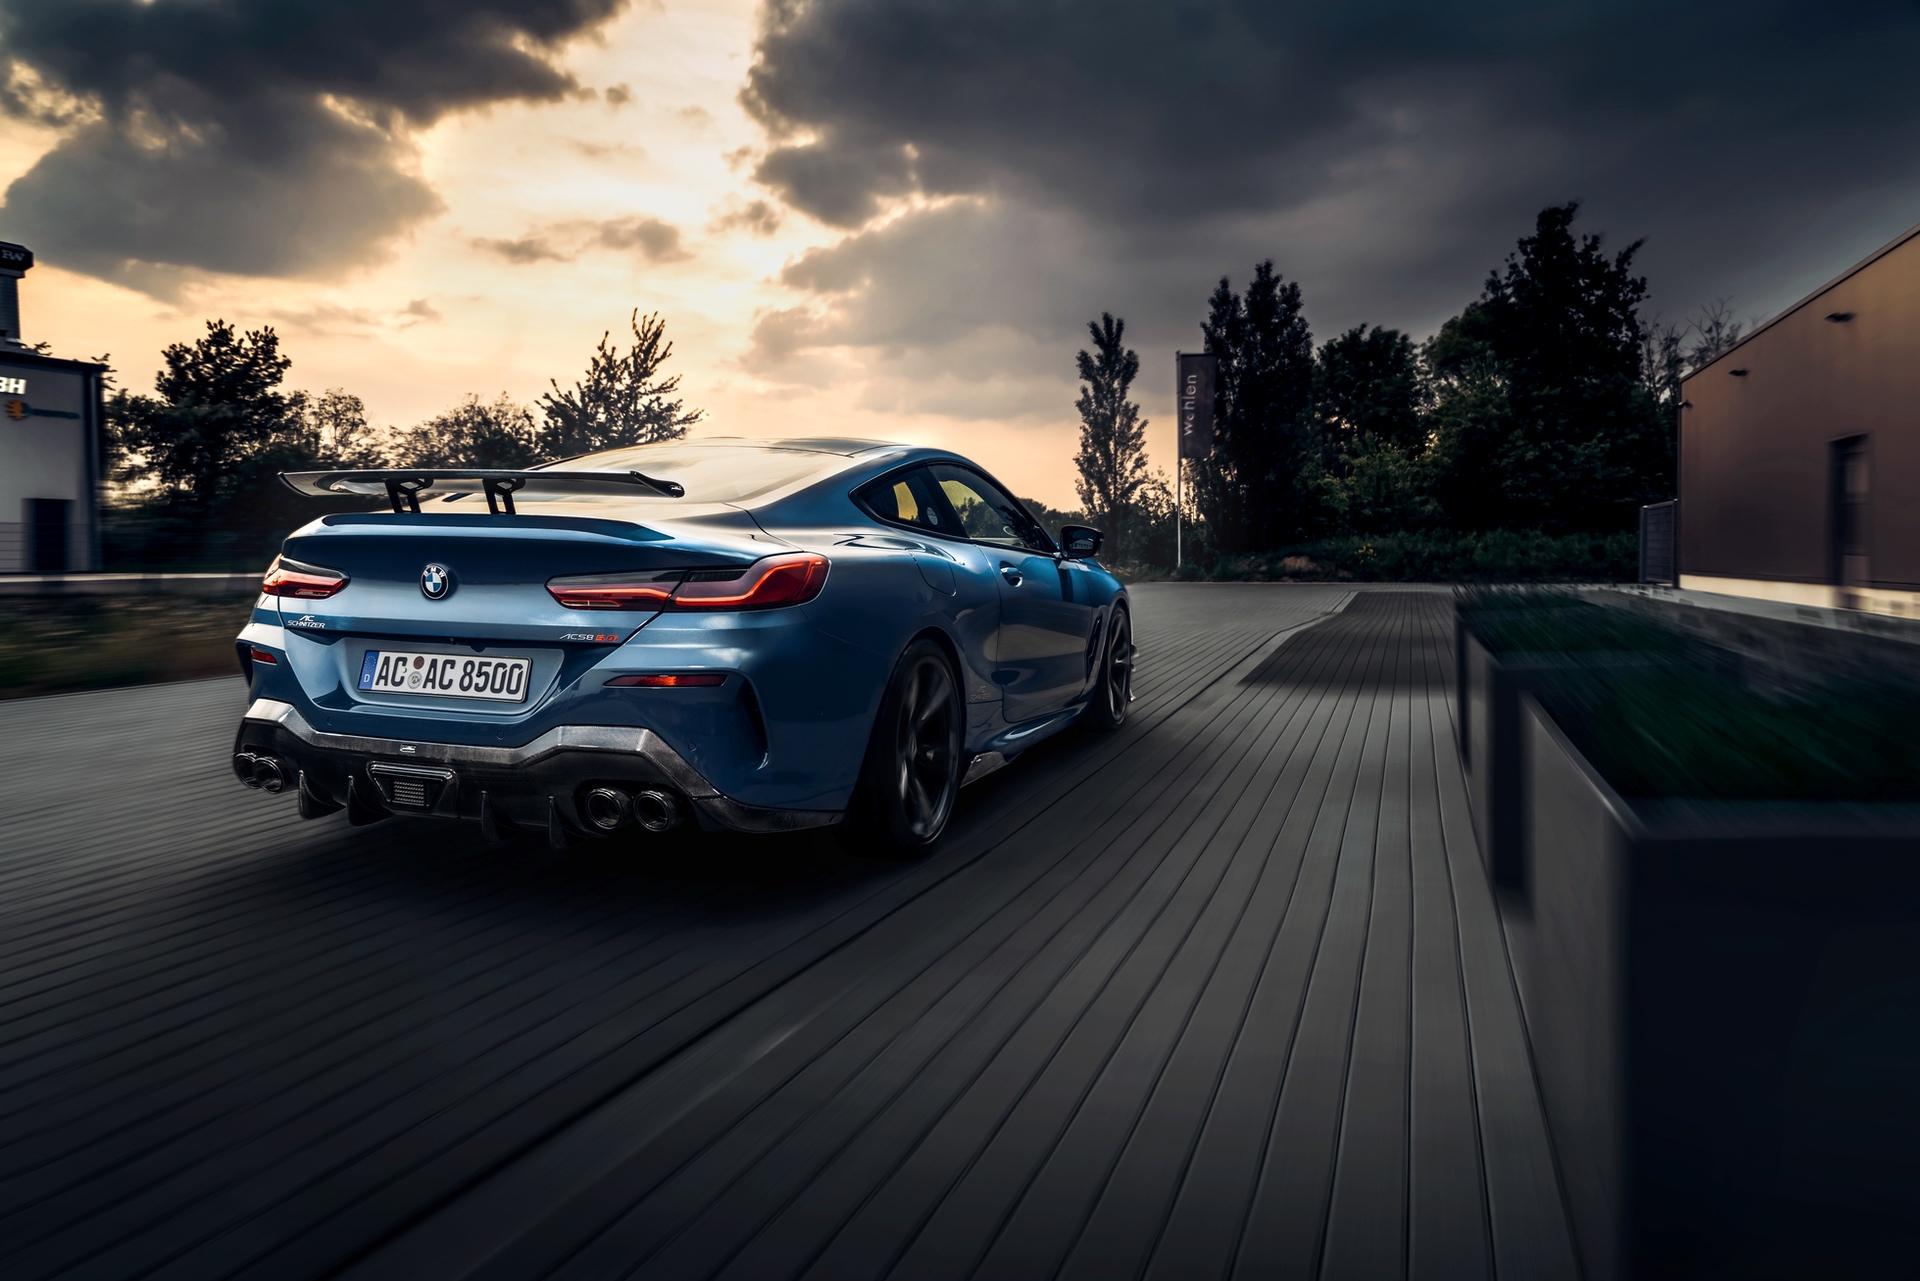 BMW_M850i_xDrive_by_AC_Schnitzer_0001